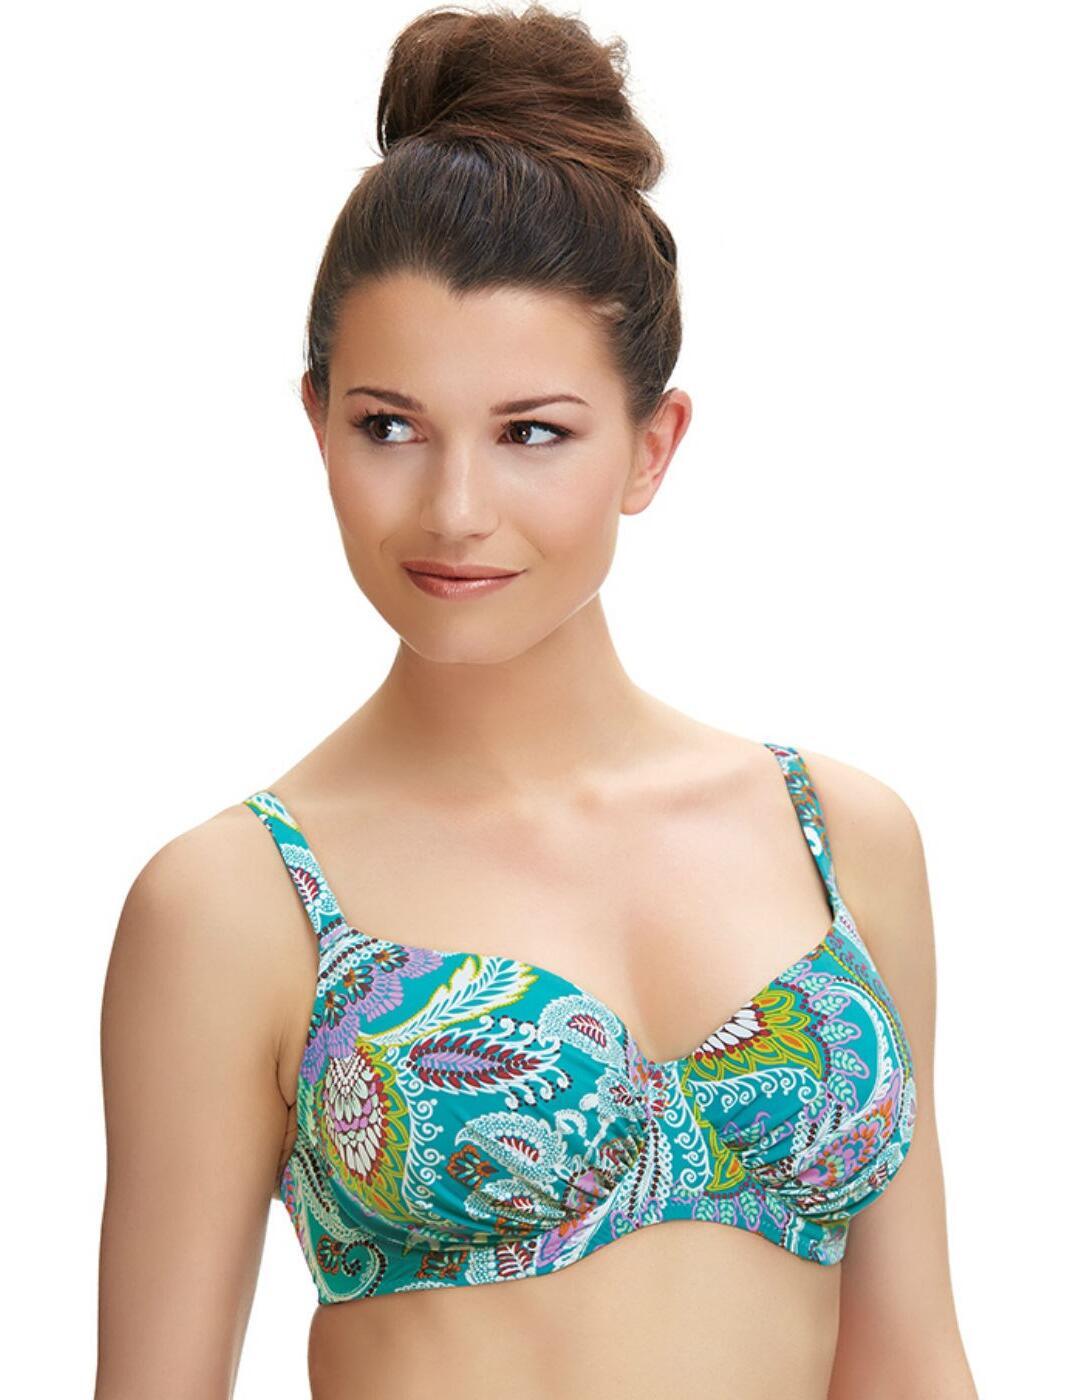 6265 Fantasie Viana Gathered Full Cup Bikini Top Multi - 6265 Full Cup Bikini Top